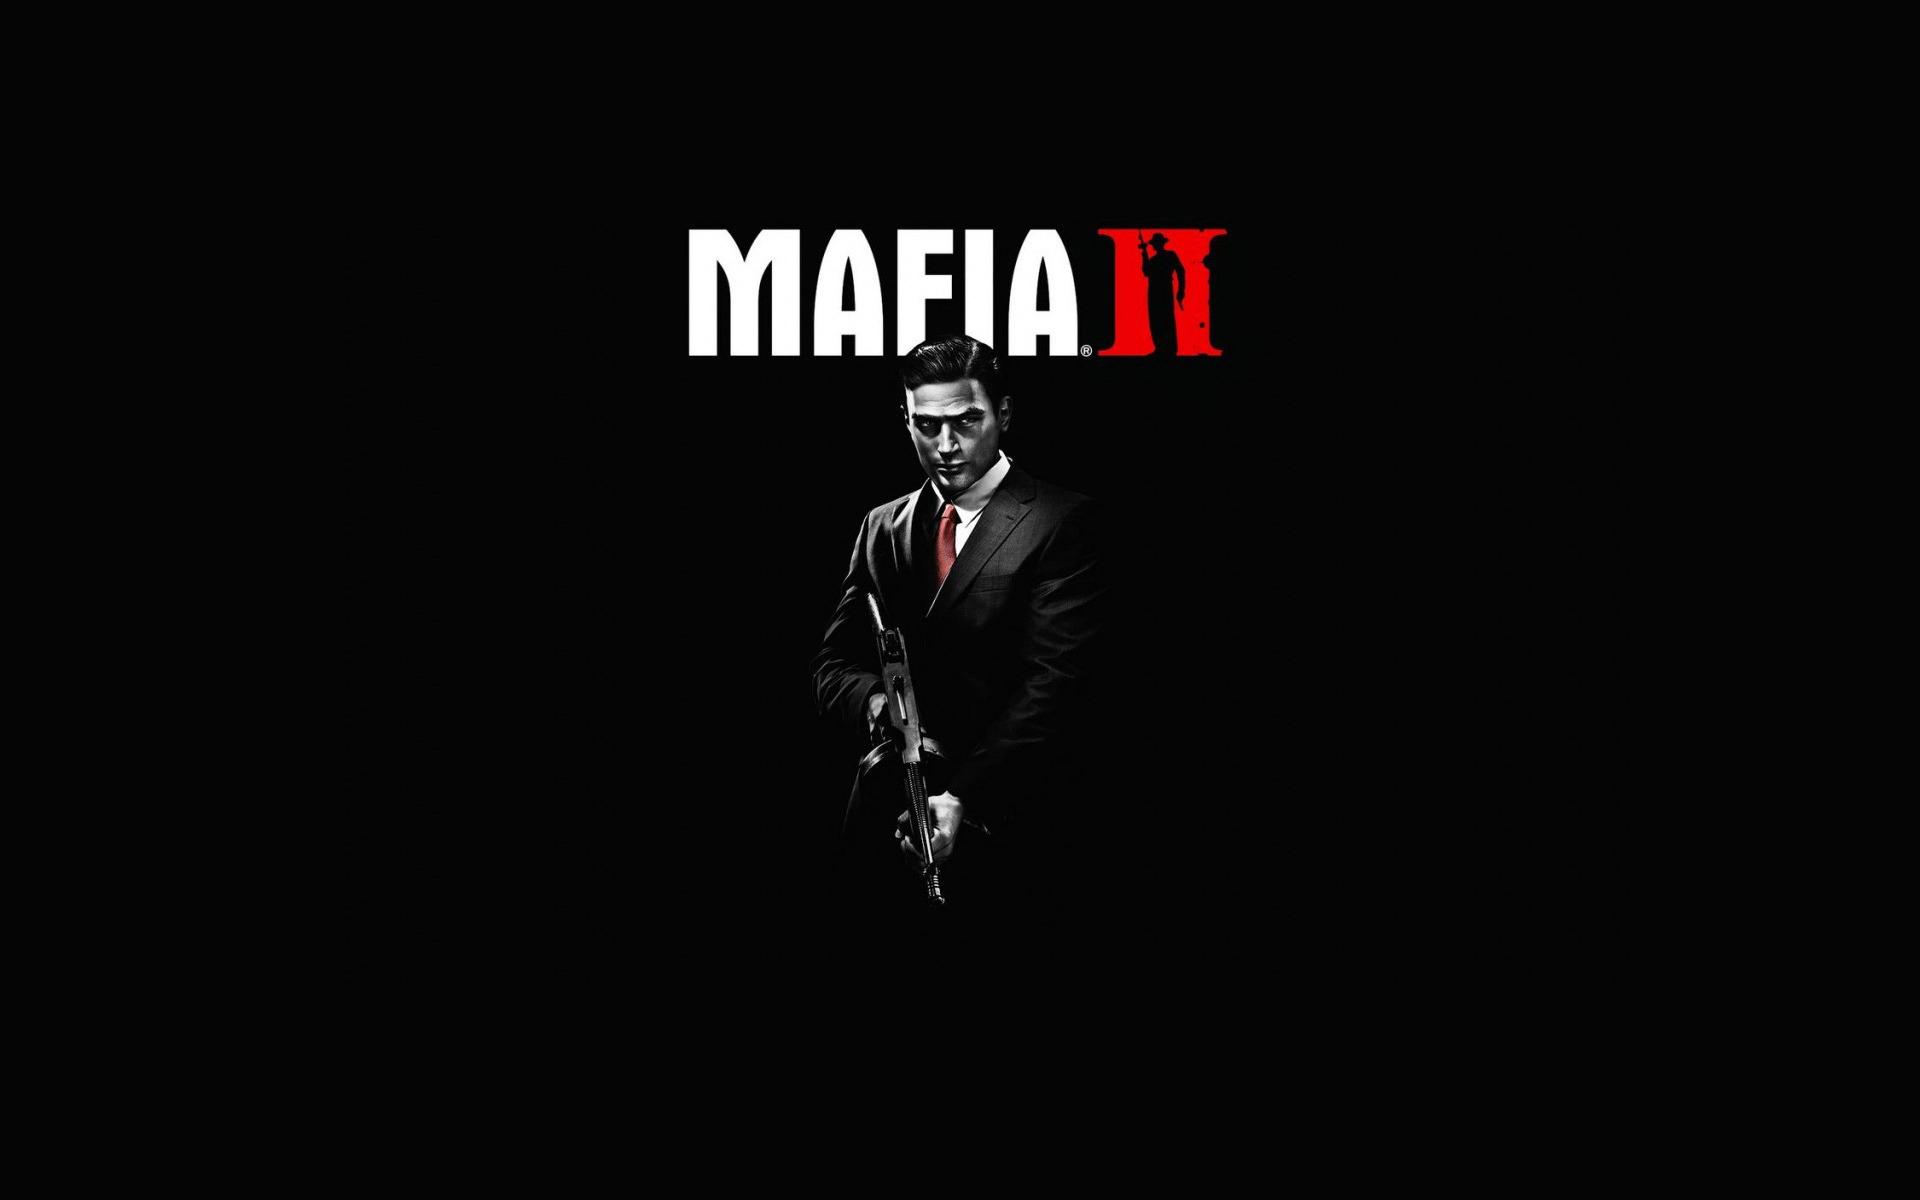 Beautiful Mafia 2 Hd Wallpaper Wallpaperfx